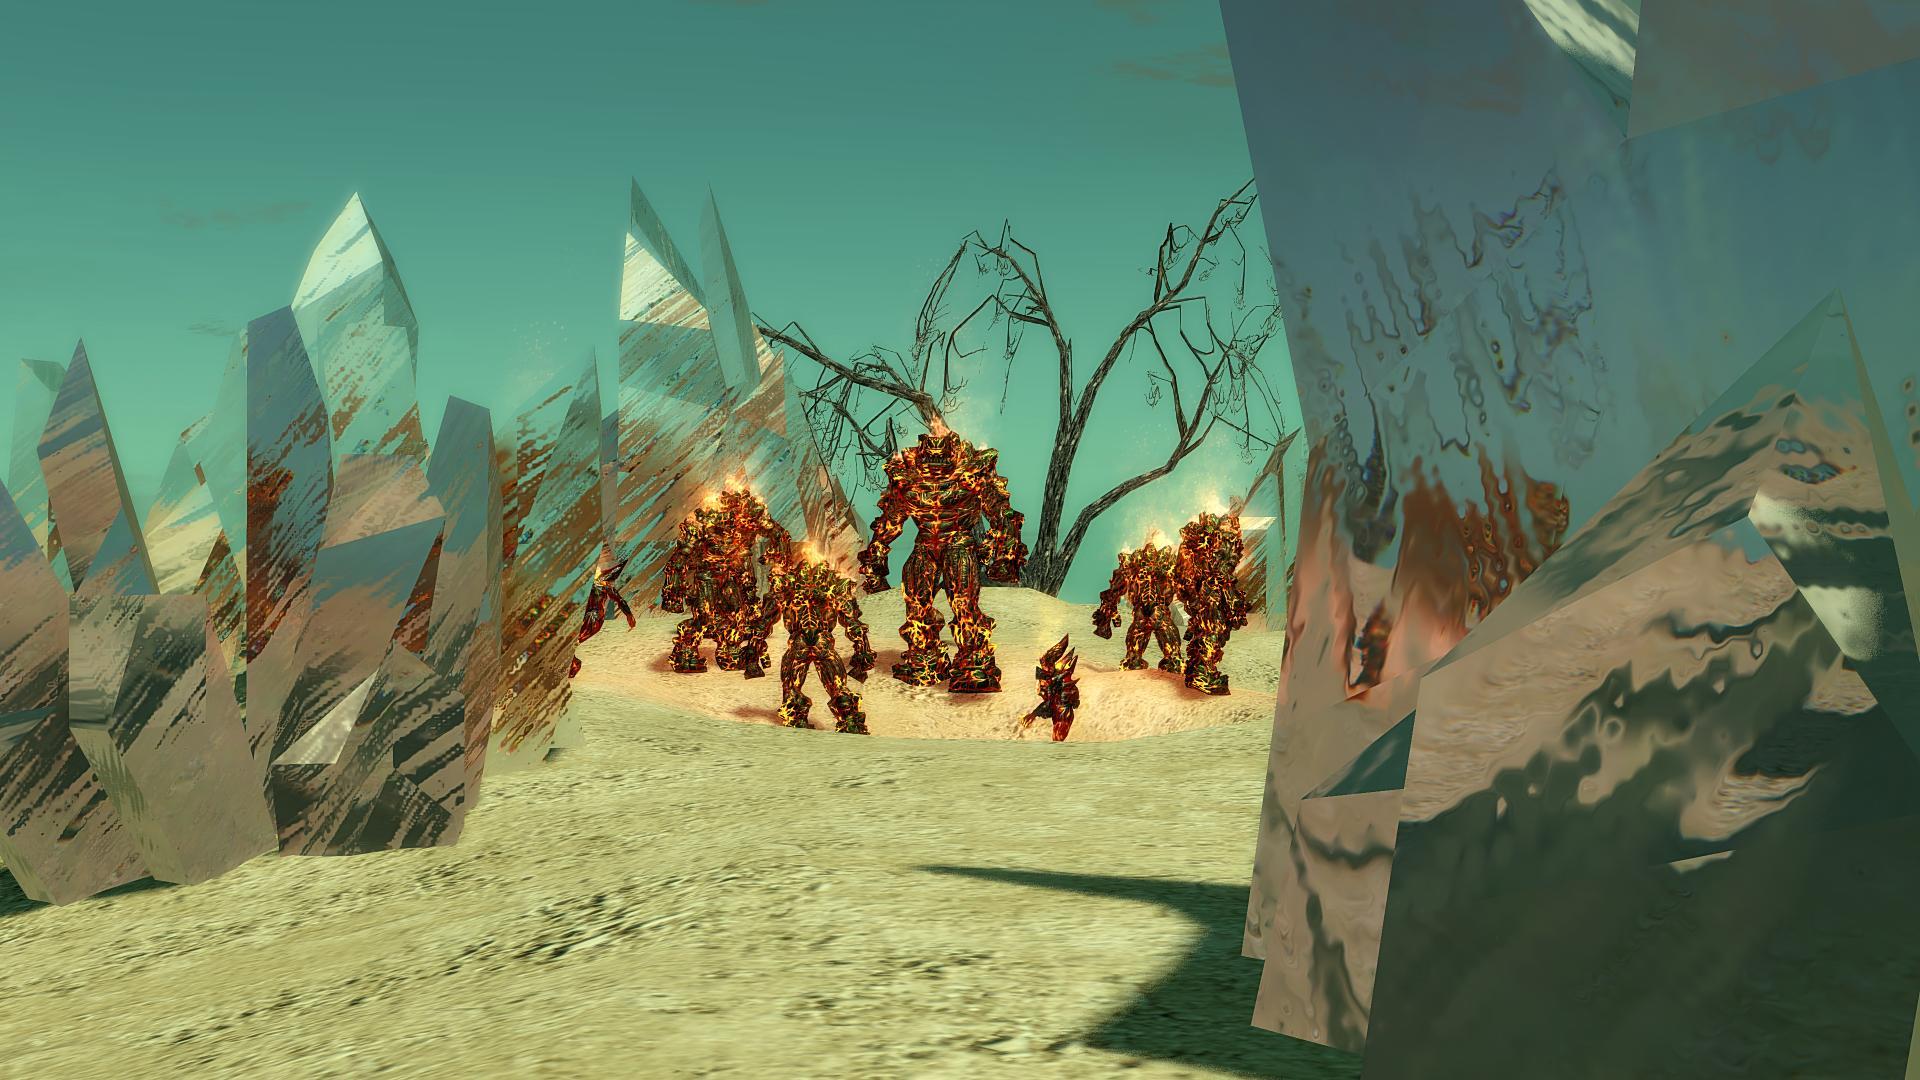 咒语力量2:周年纪念版 游戏截图